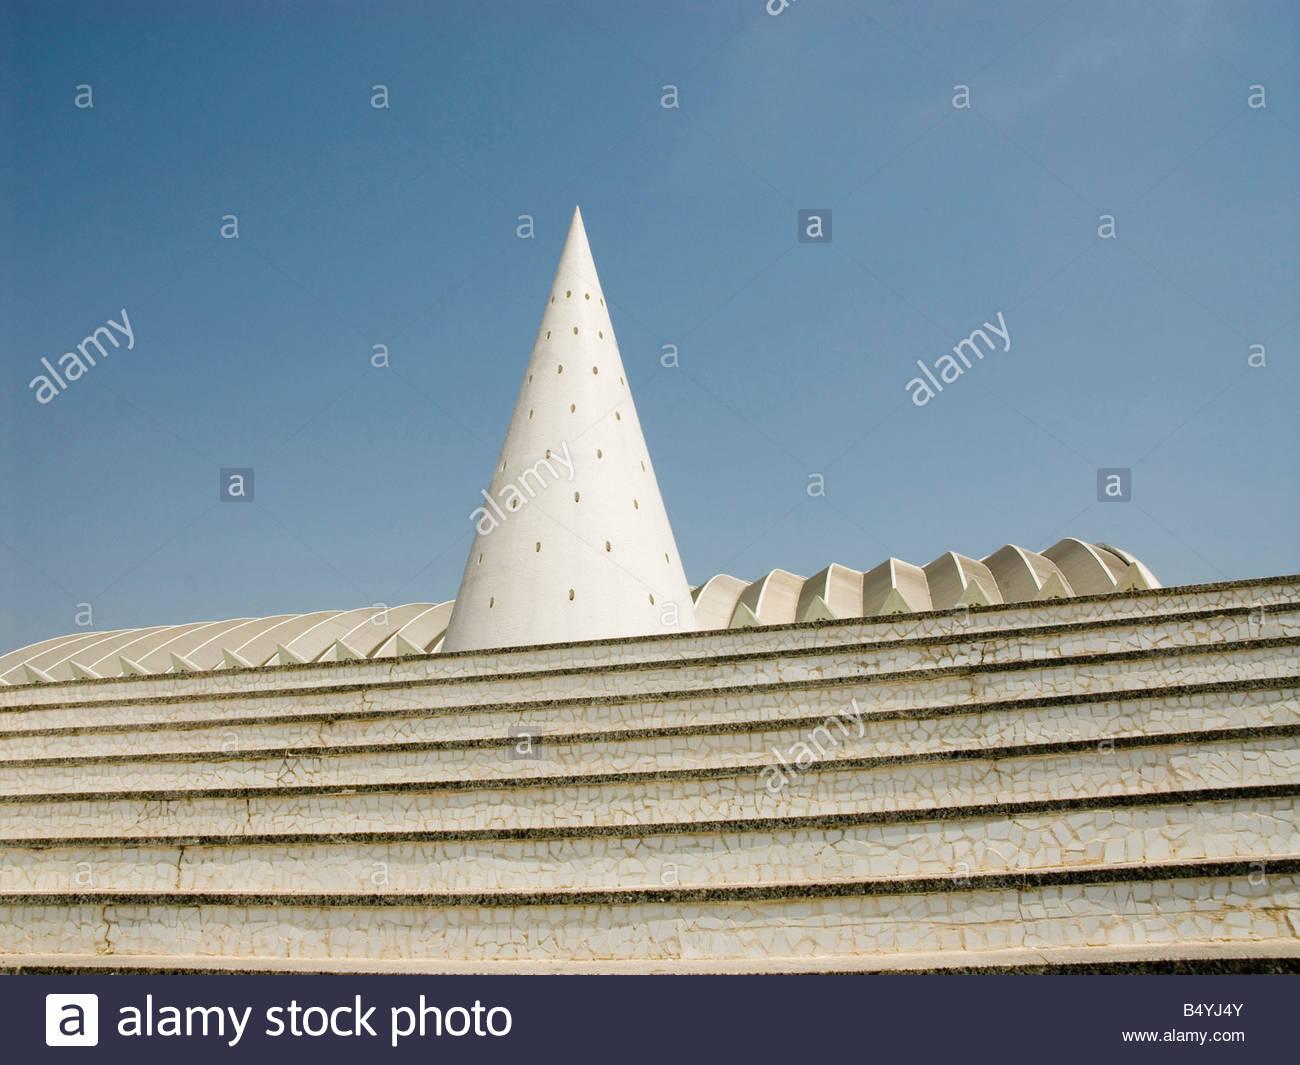 europe,spain,valencia,ciutat de les arts i les ciencies,architect santiago calatrava - Stock Image